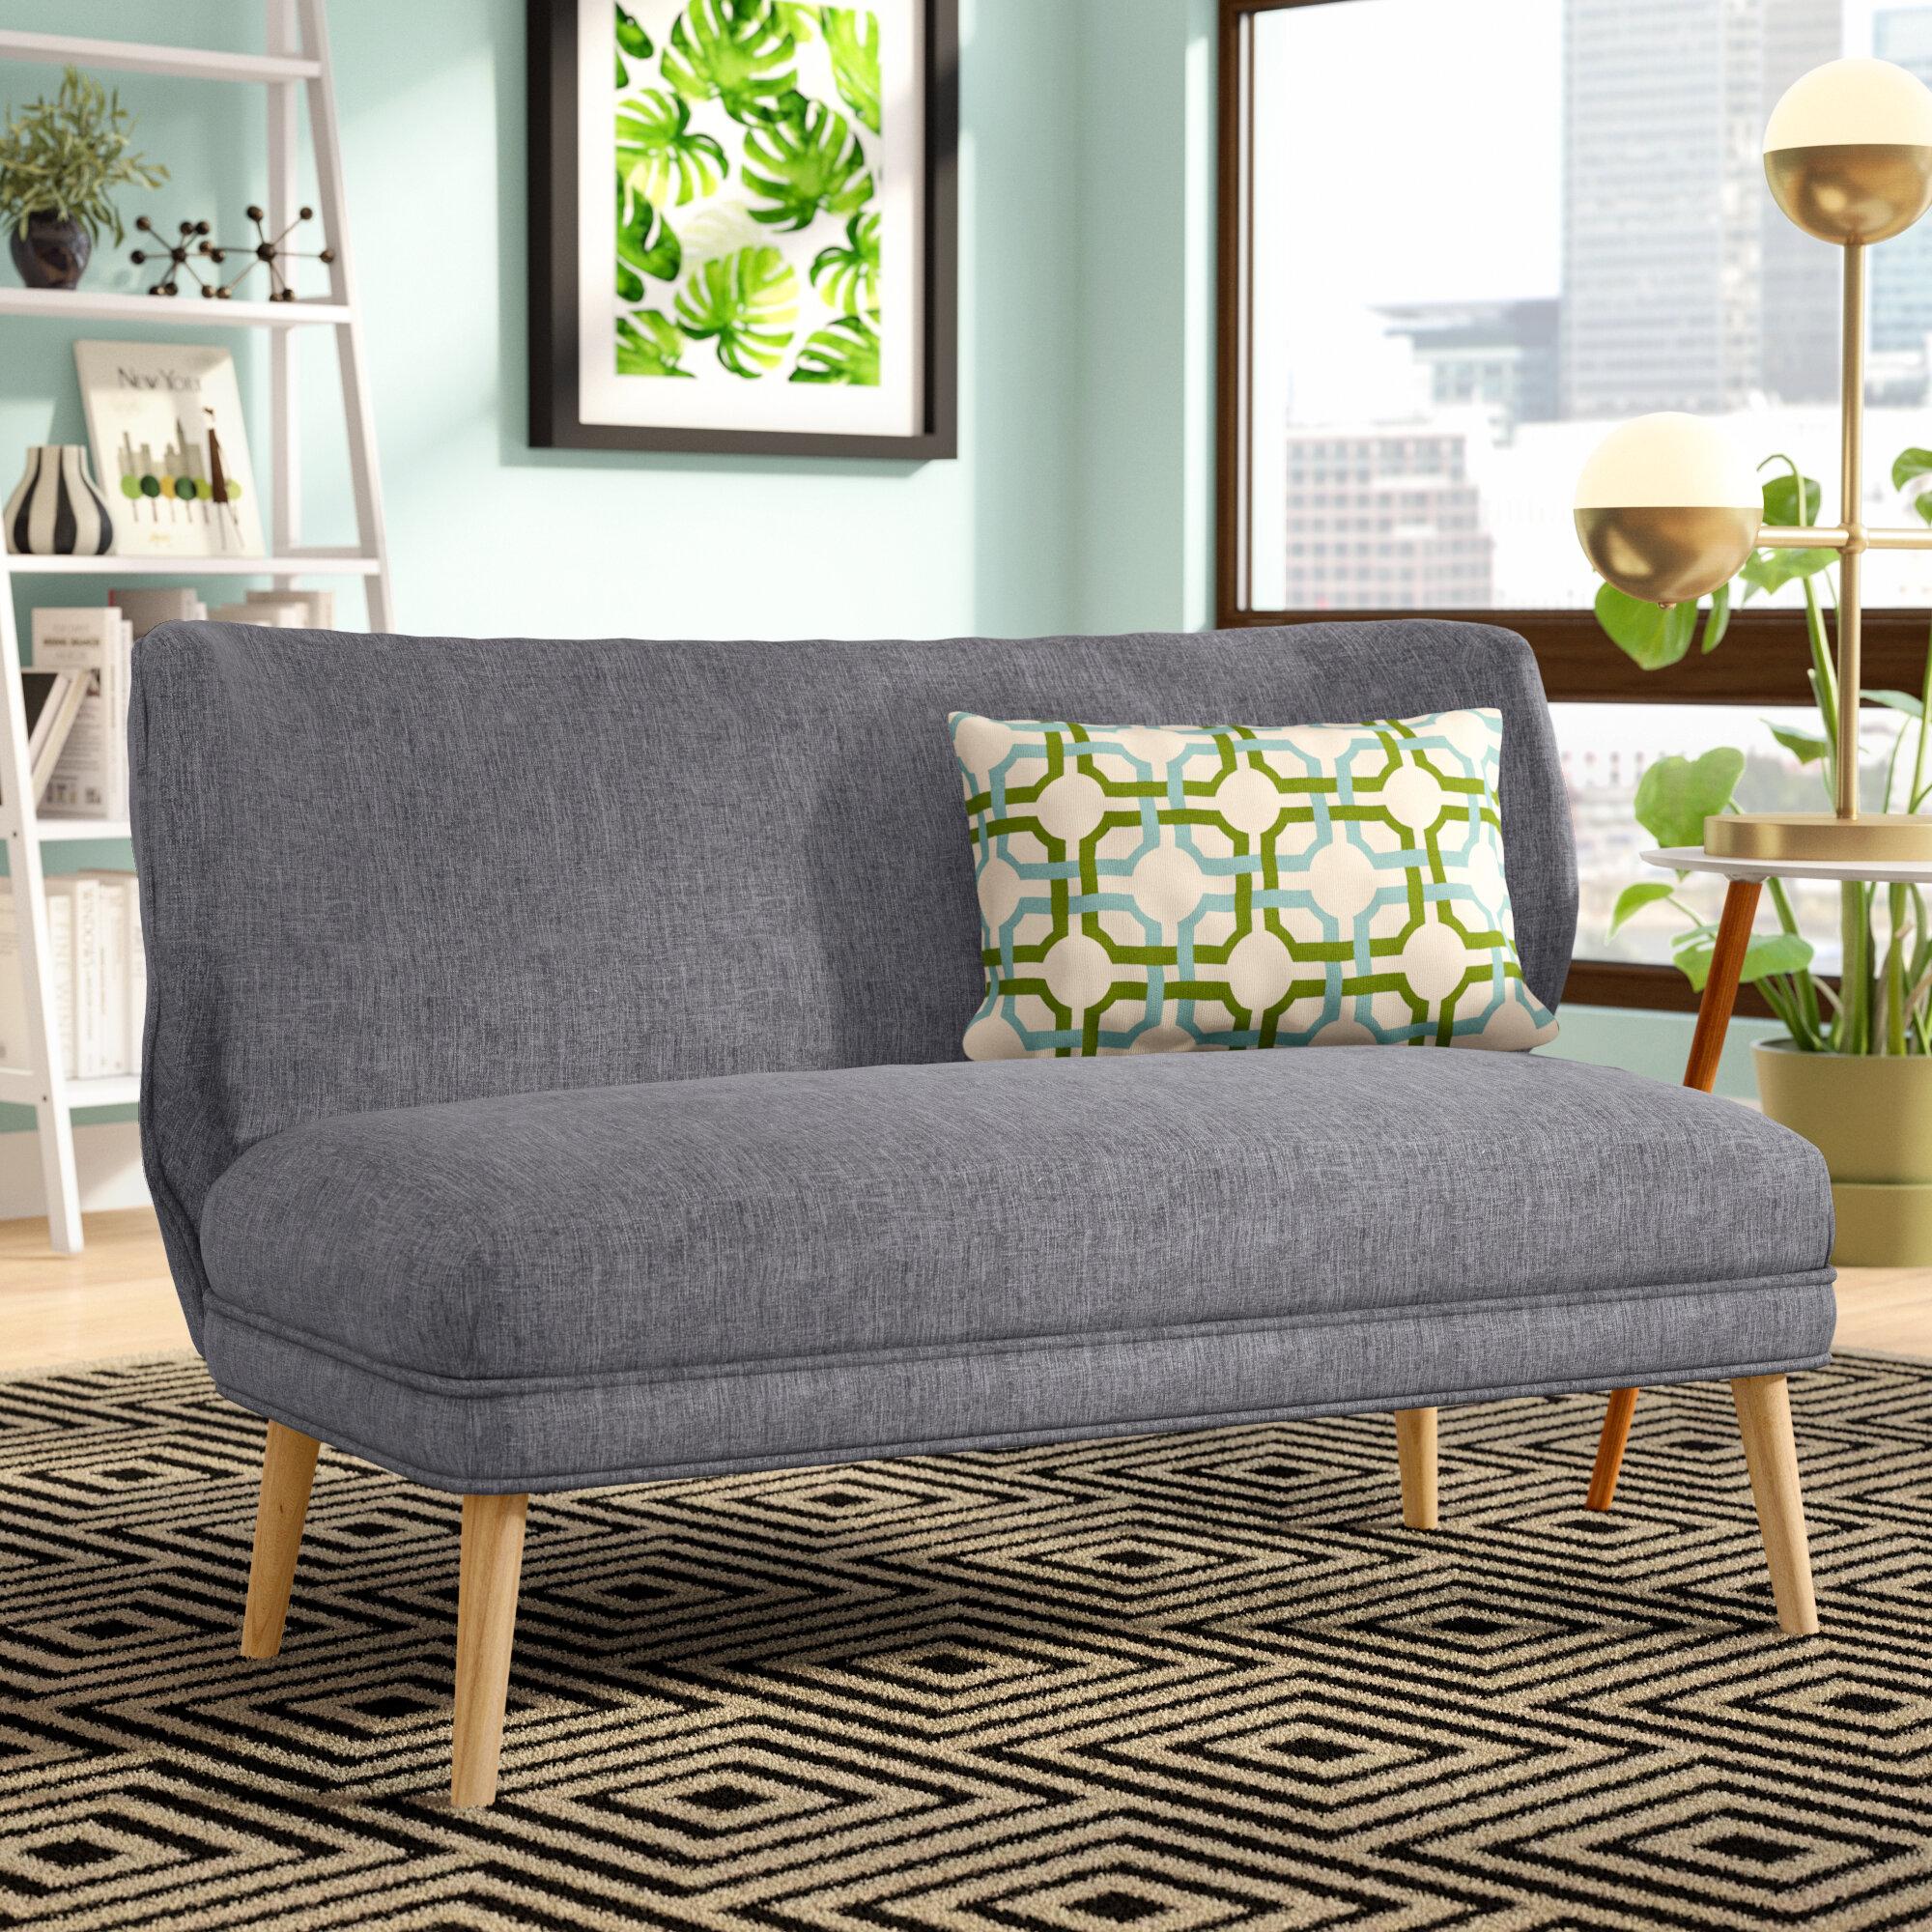 Langley street raleigh fabric settee reviews wayfair